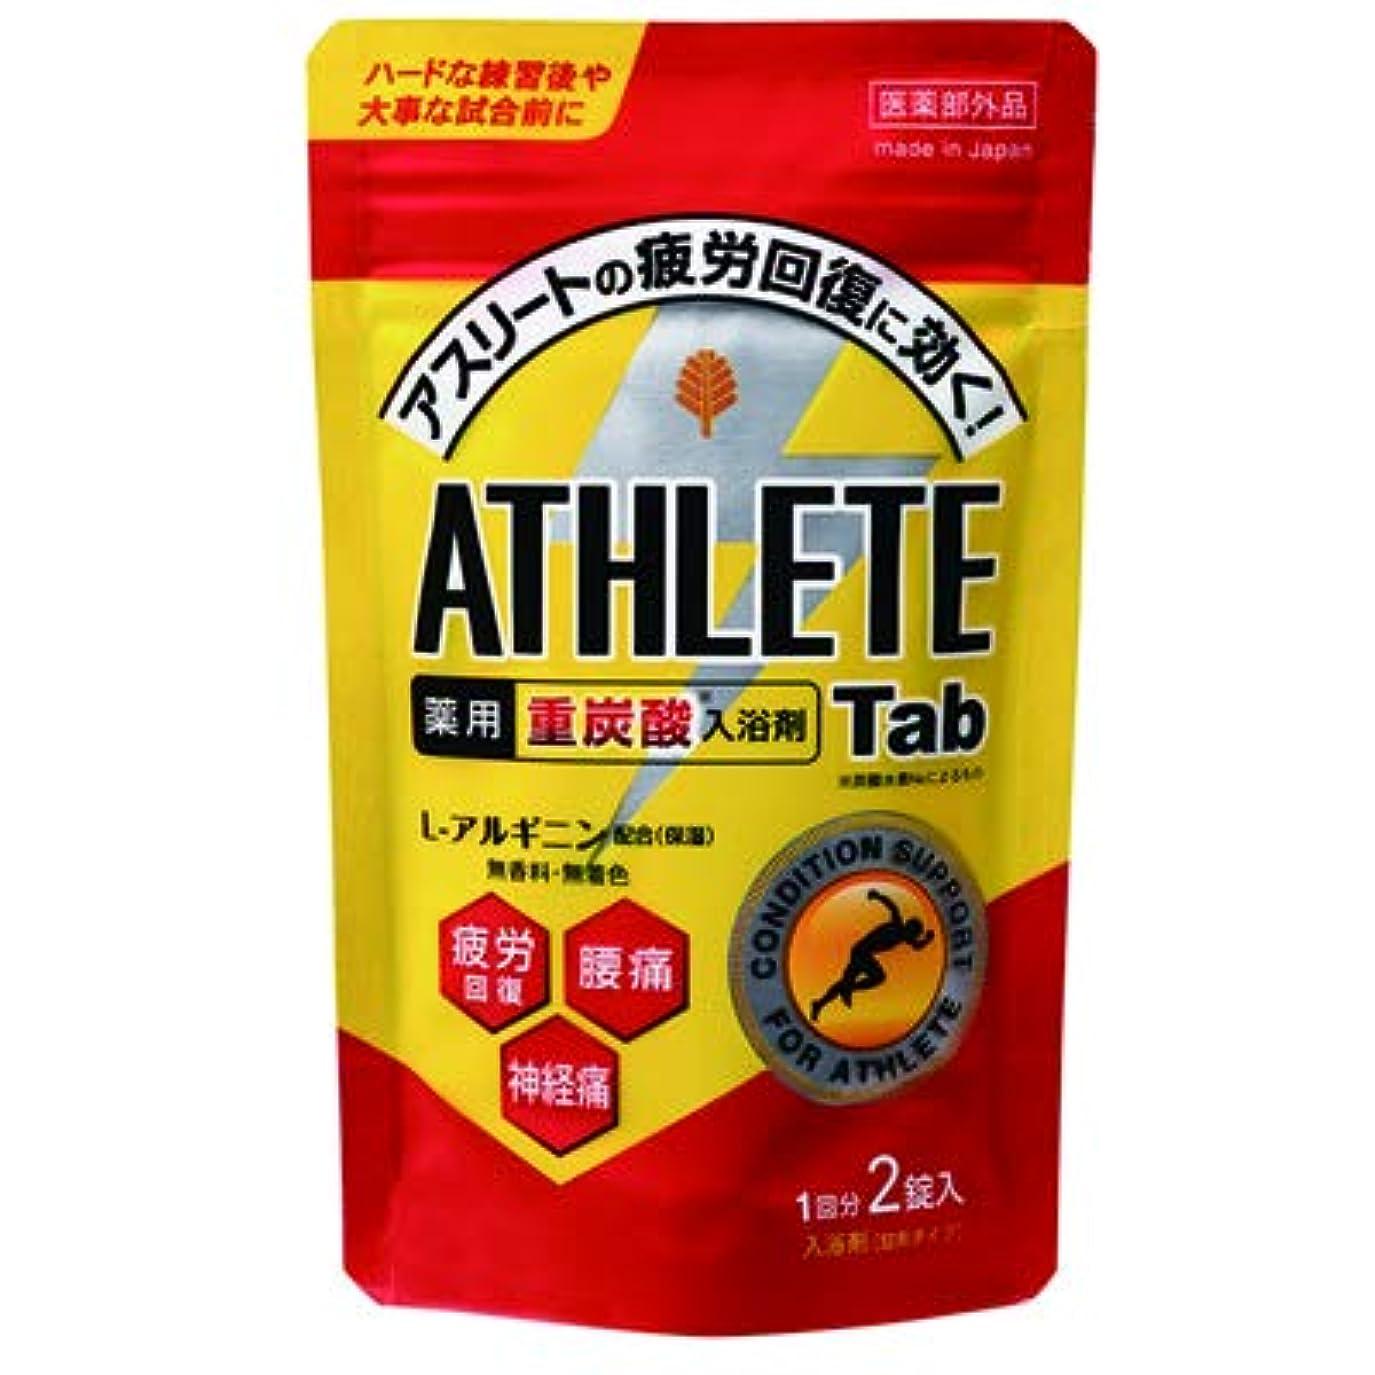 認知中断ベーシックアスリート向け薬用スポーツ入浴剤(重炭酸イオン薬用入浴剤)2錠入(1回分) /日本製